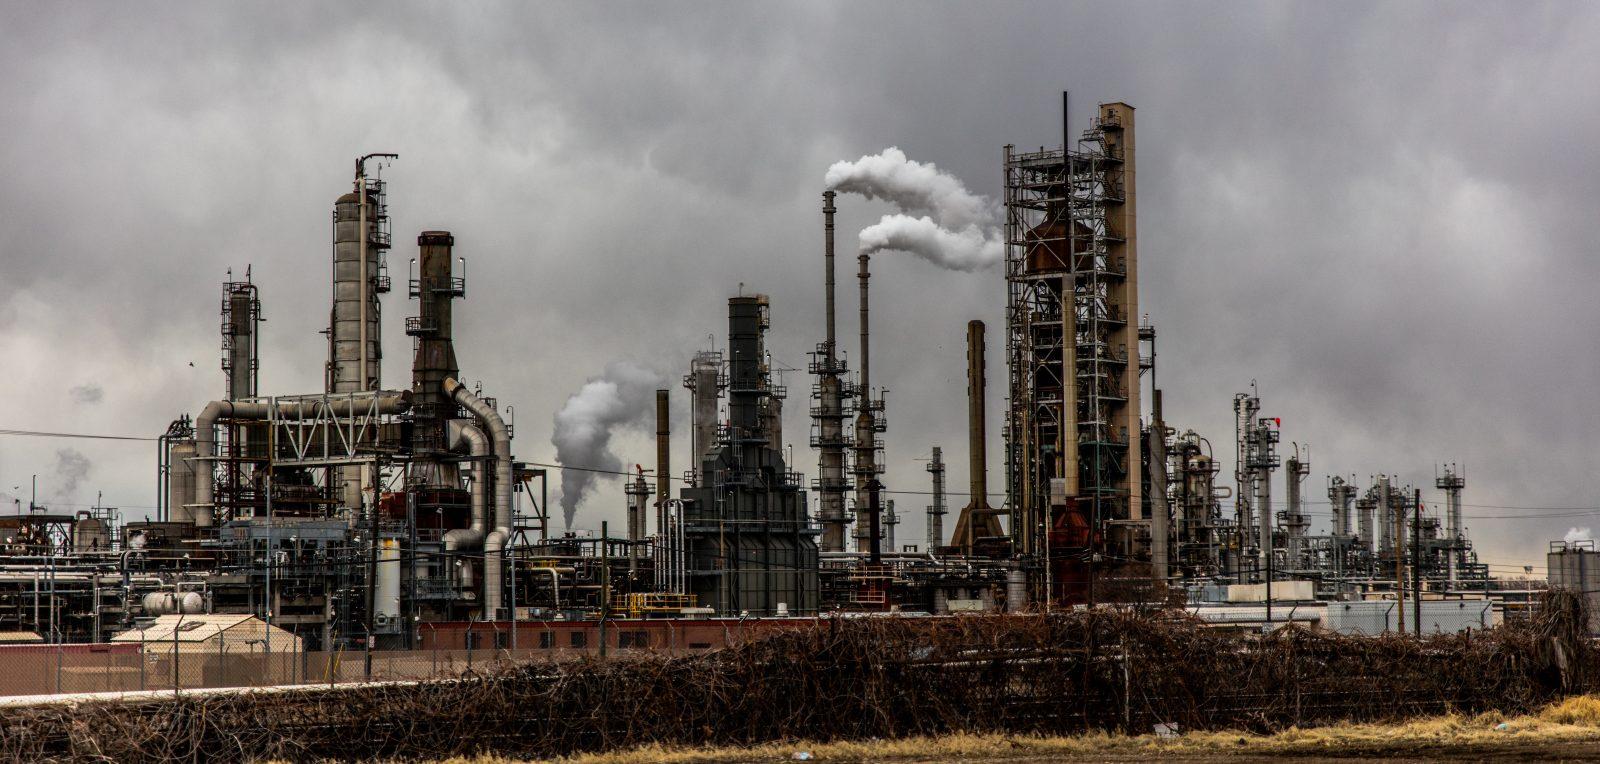 Les moyens de production exploitant les énergies fossiles sont fortement émetteurs de CO2